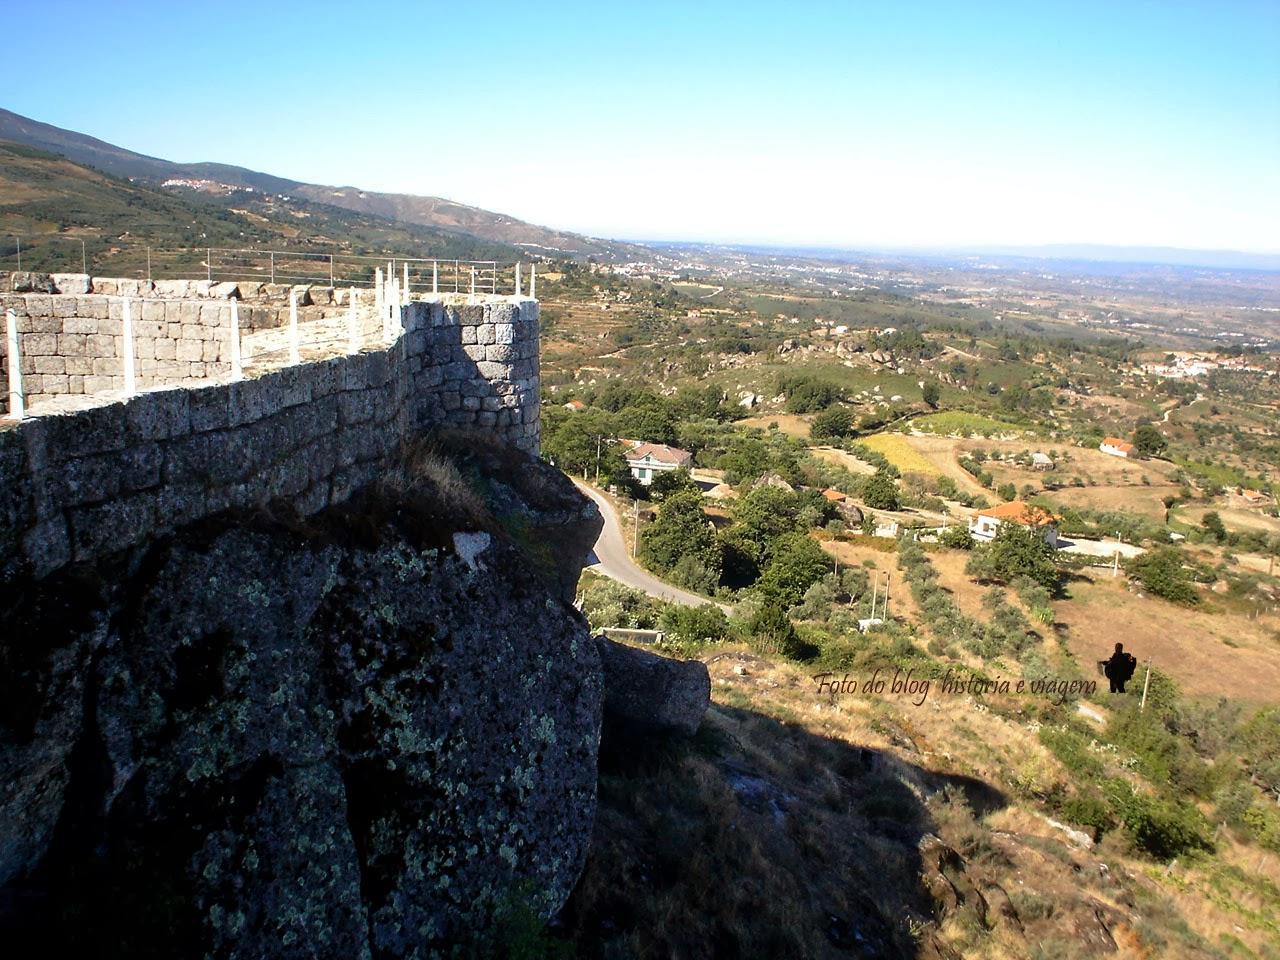 Vale do Mondego - Linhares da Beira